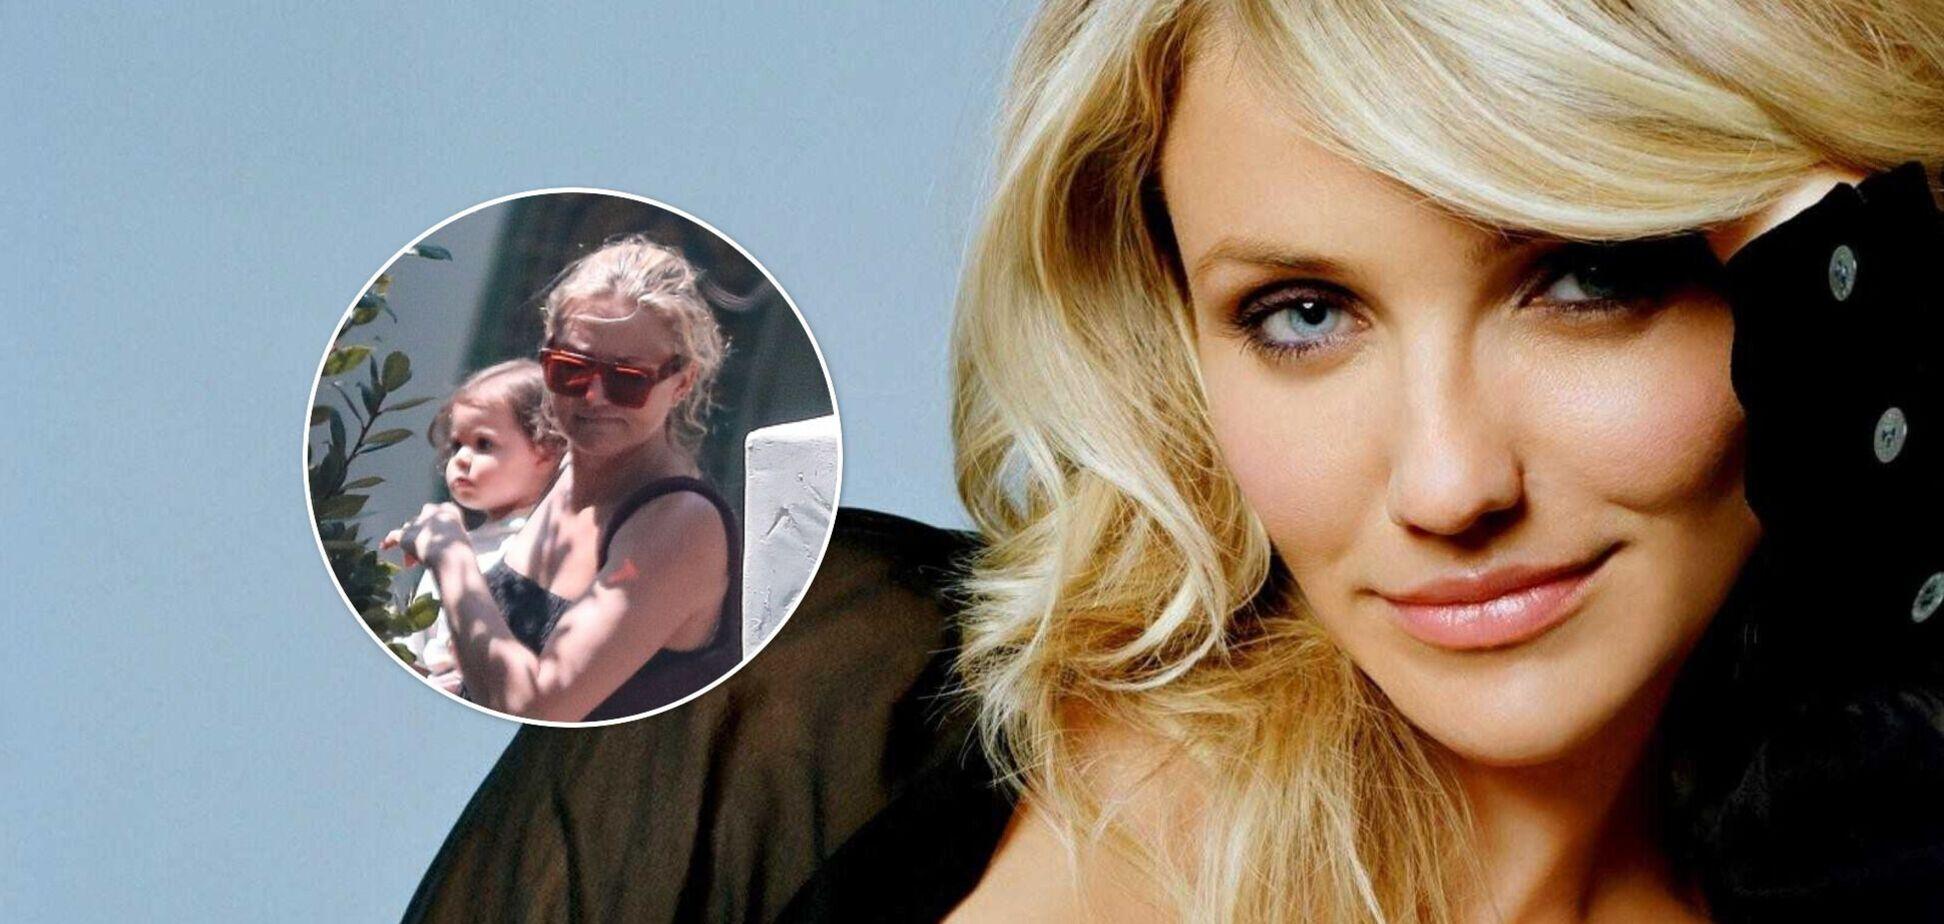 Кэмерон Диас попала в объективы папарацци со своей полуторагодовалой дочерью. Фото